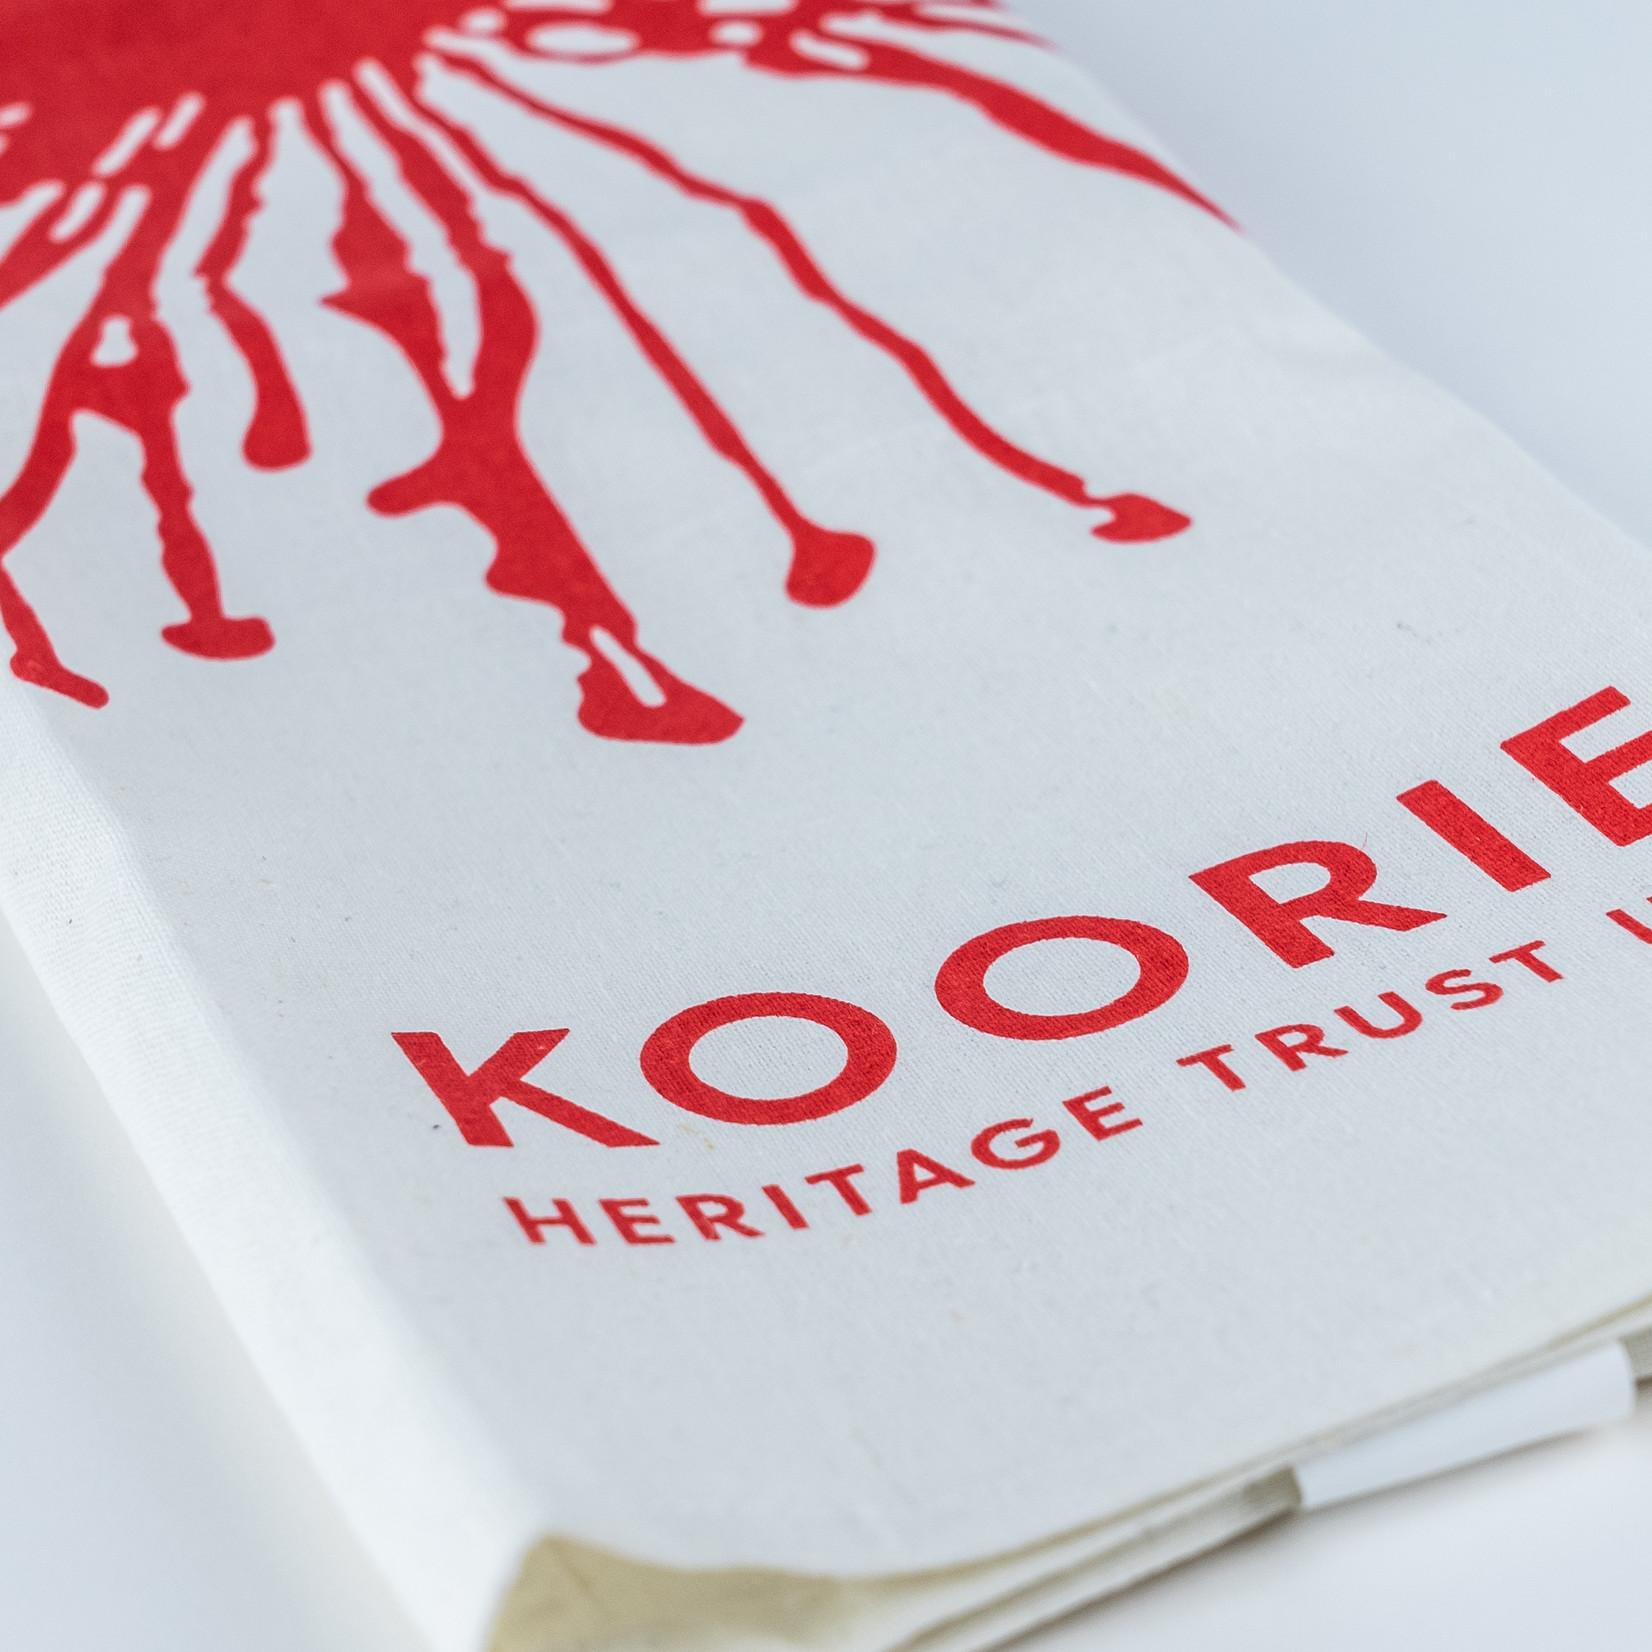 Koorie Heritage Trust Tea Towel - KHT